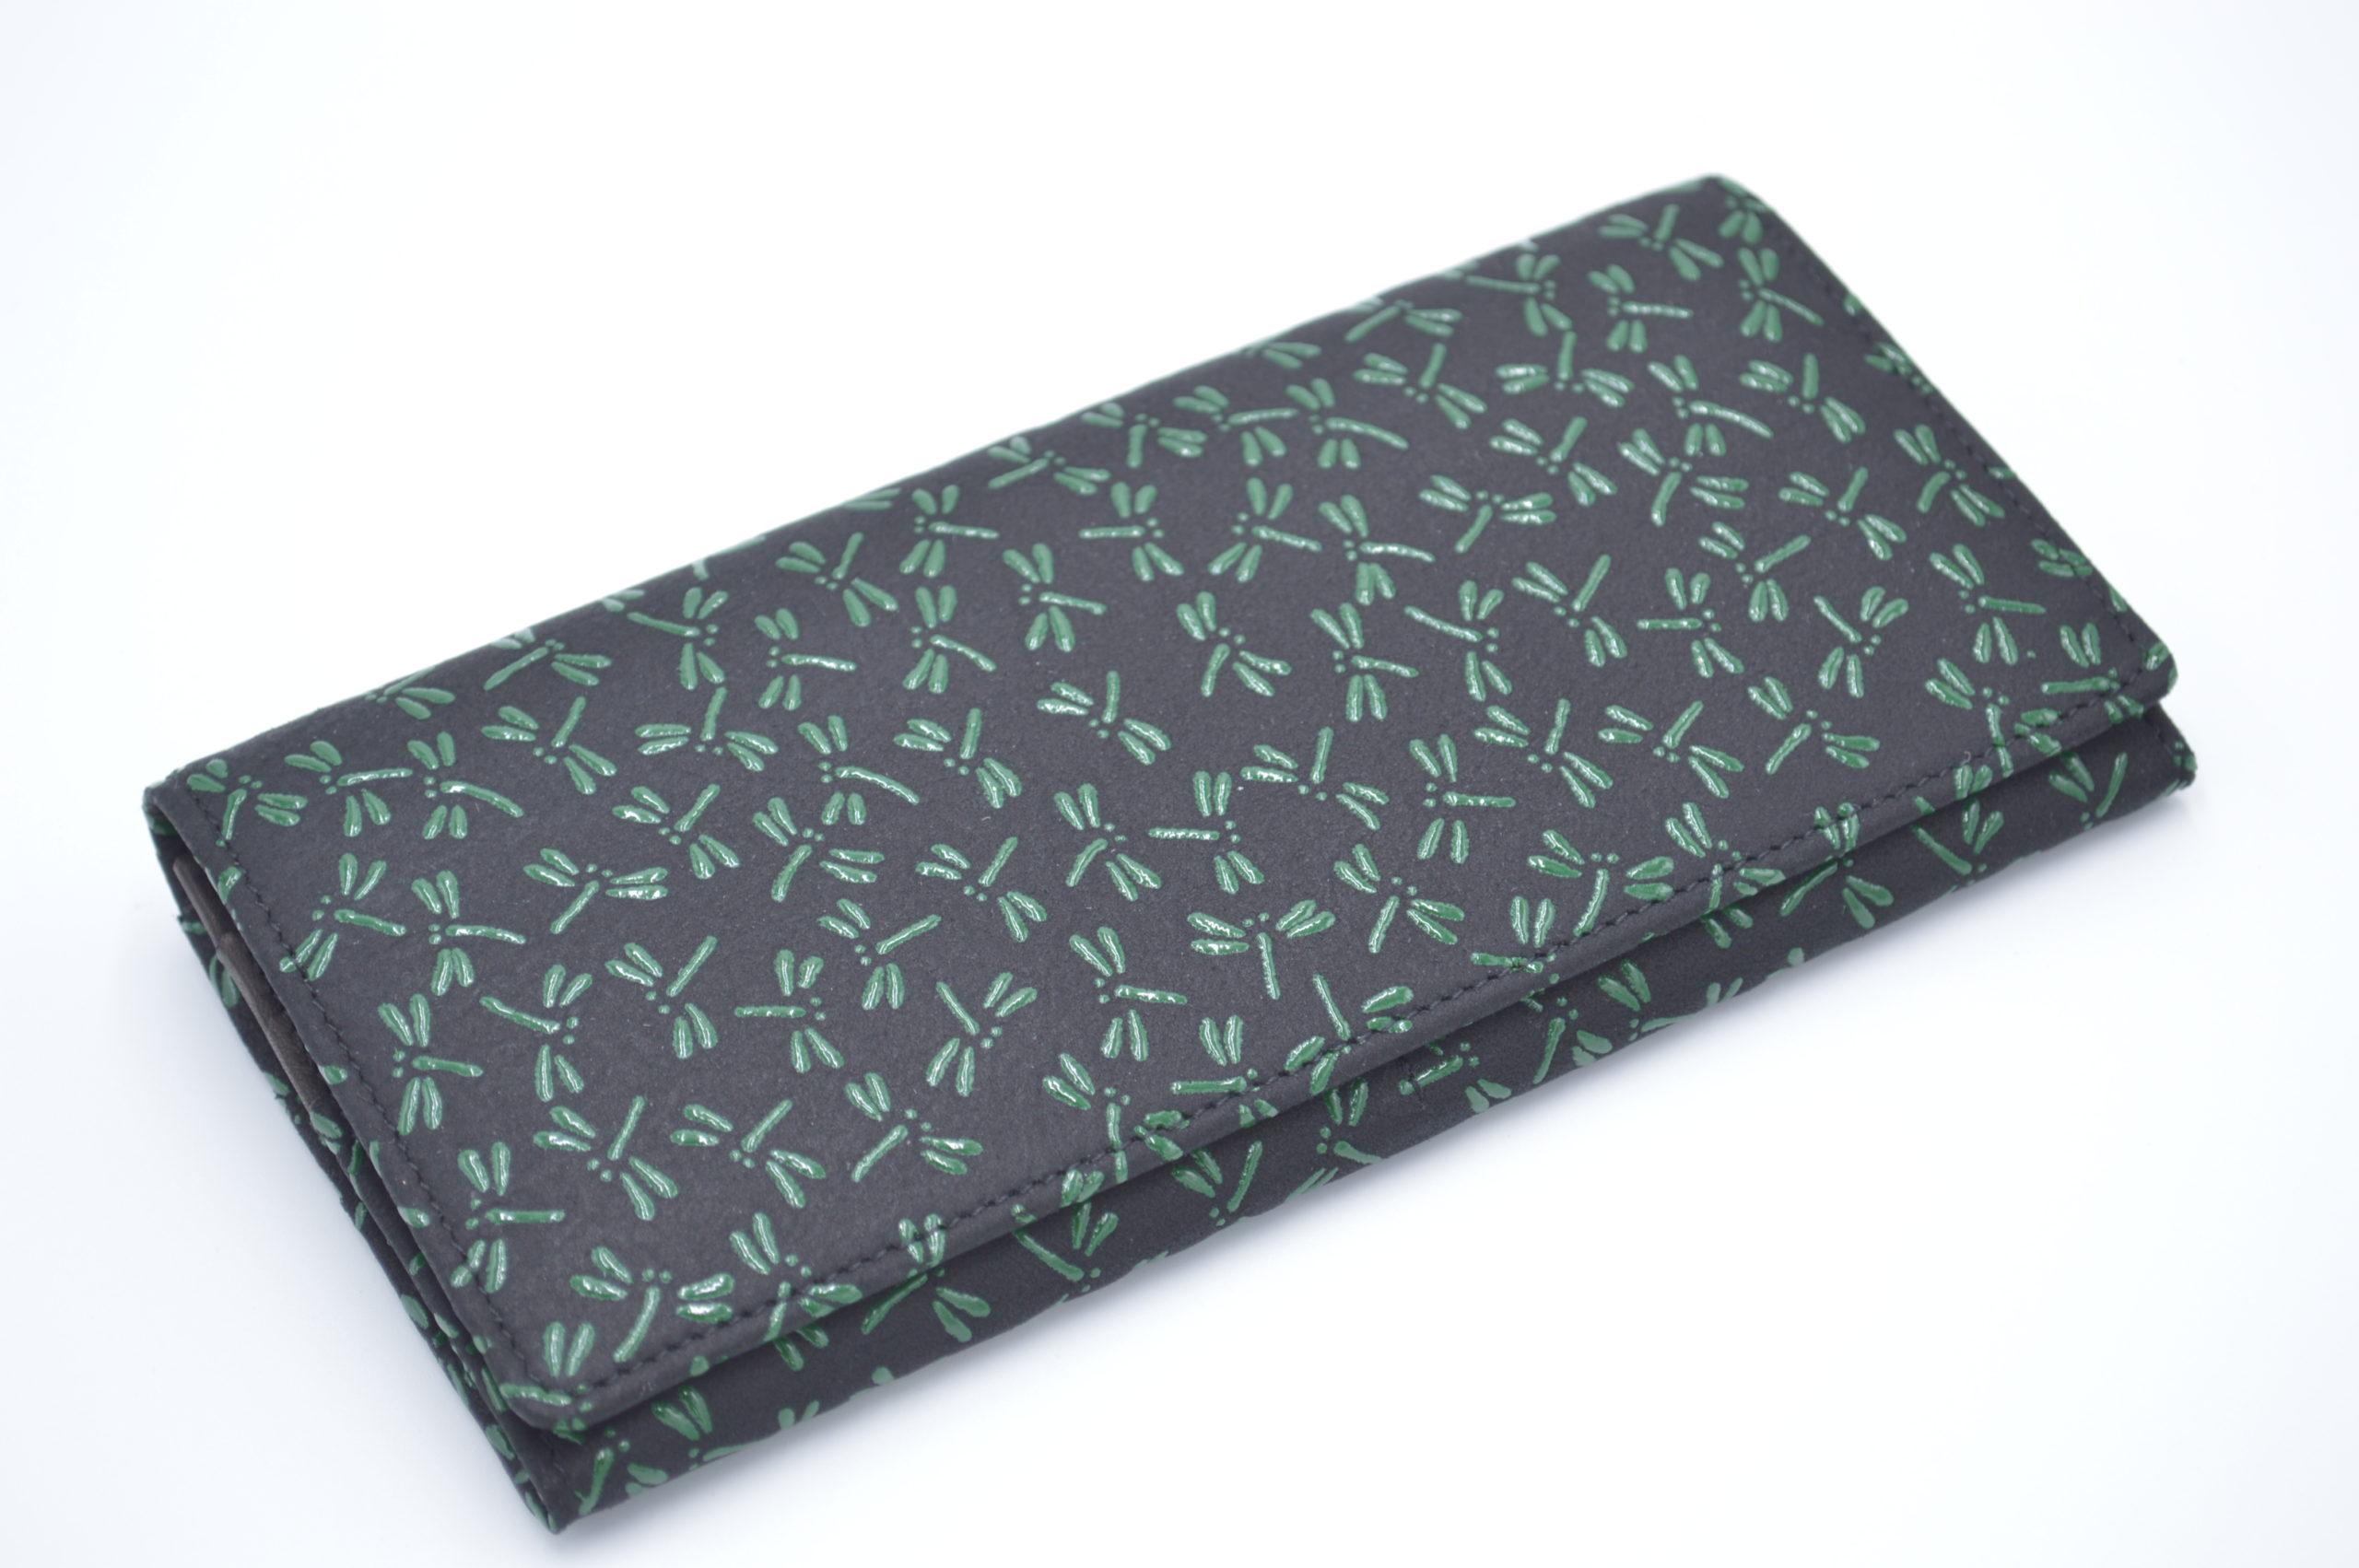 長財布E 黒/緑 トンボ柄